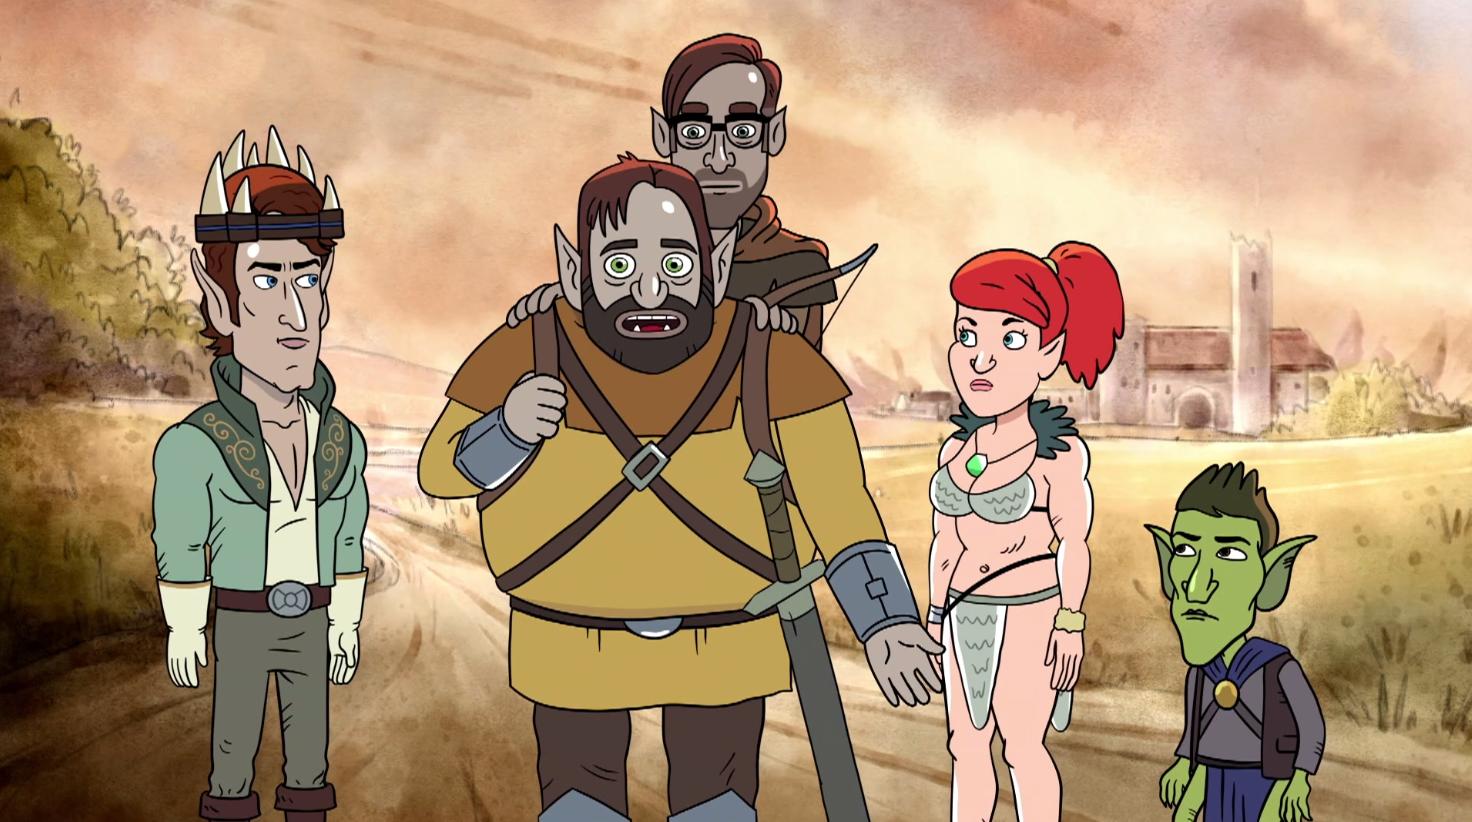 Дэн Хармон займётся комедийным мультсериалом проДревнюю Грецию